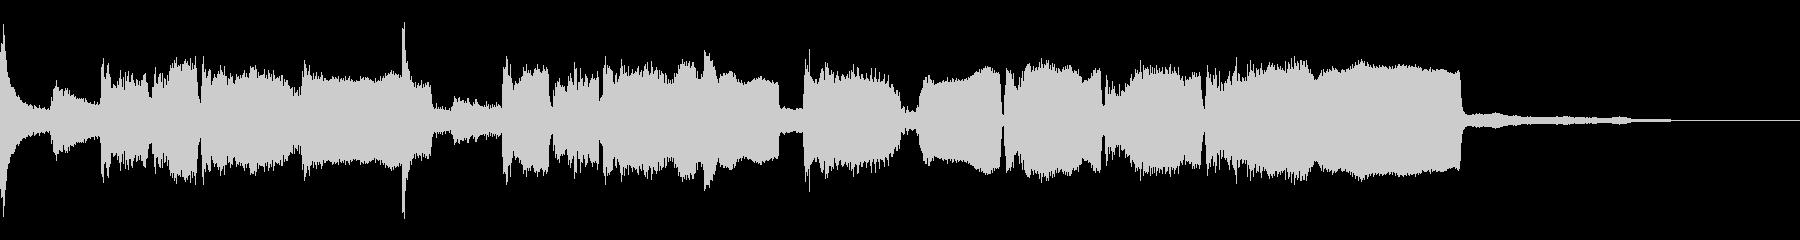 和風ジングル、篠笛、琴、のどかな田舎の未再生の波形